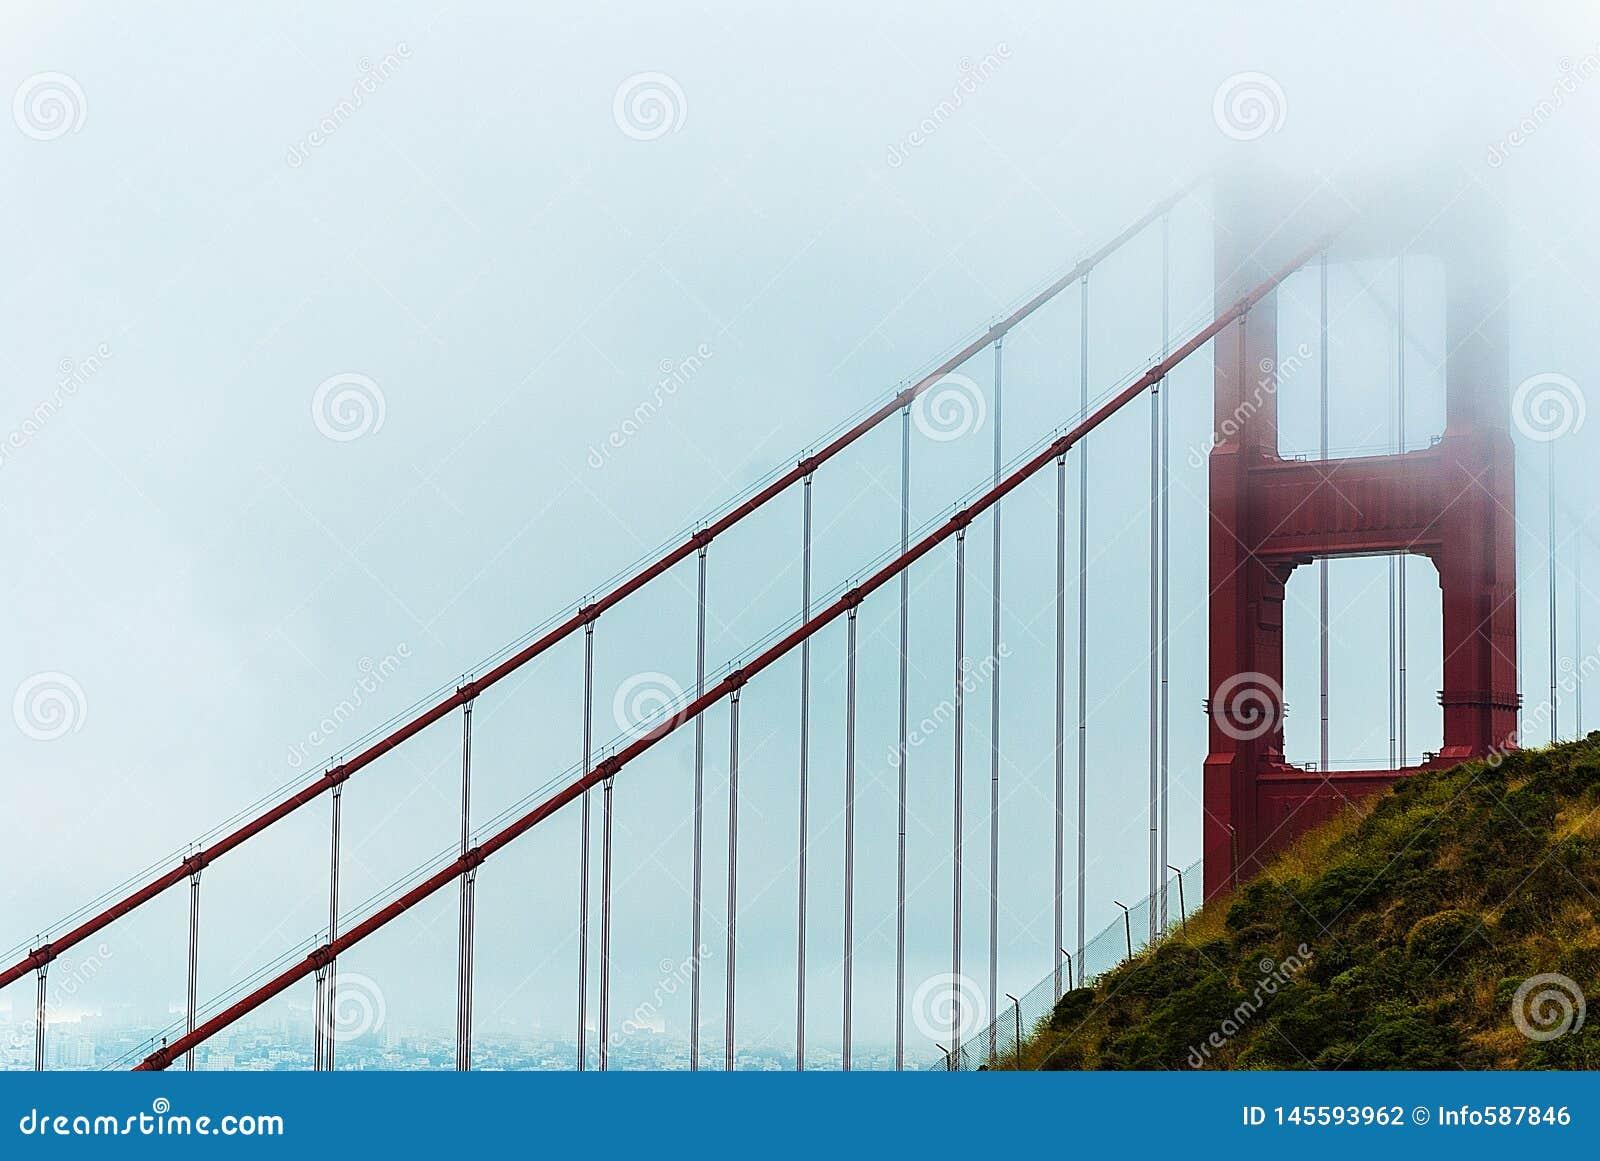 Мост золотых ворот в тумане